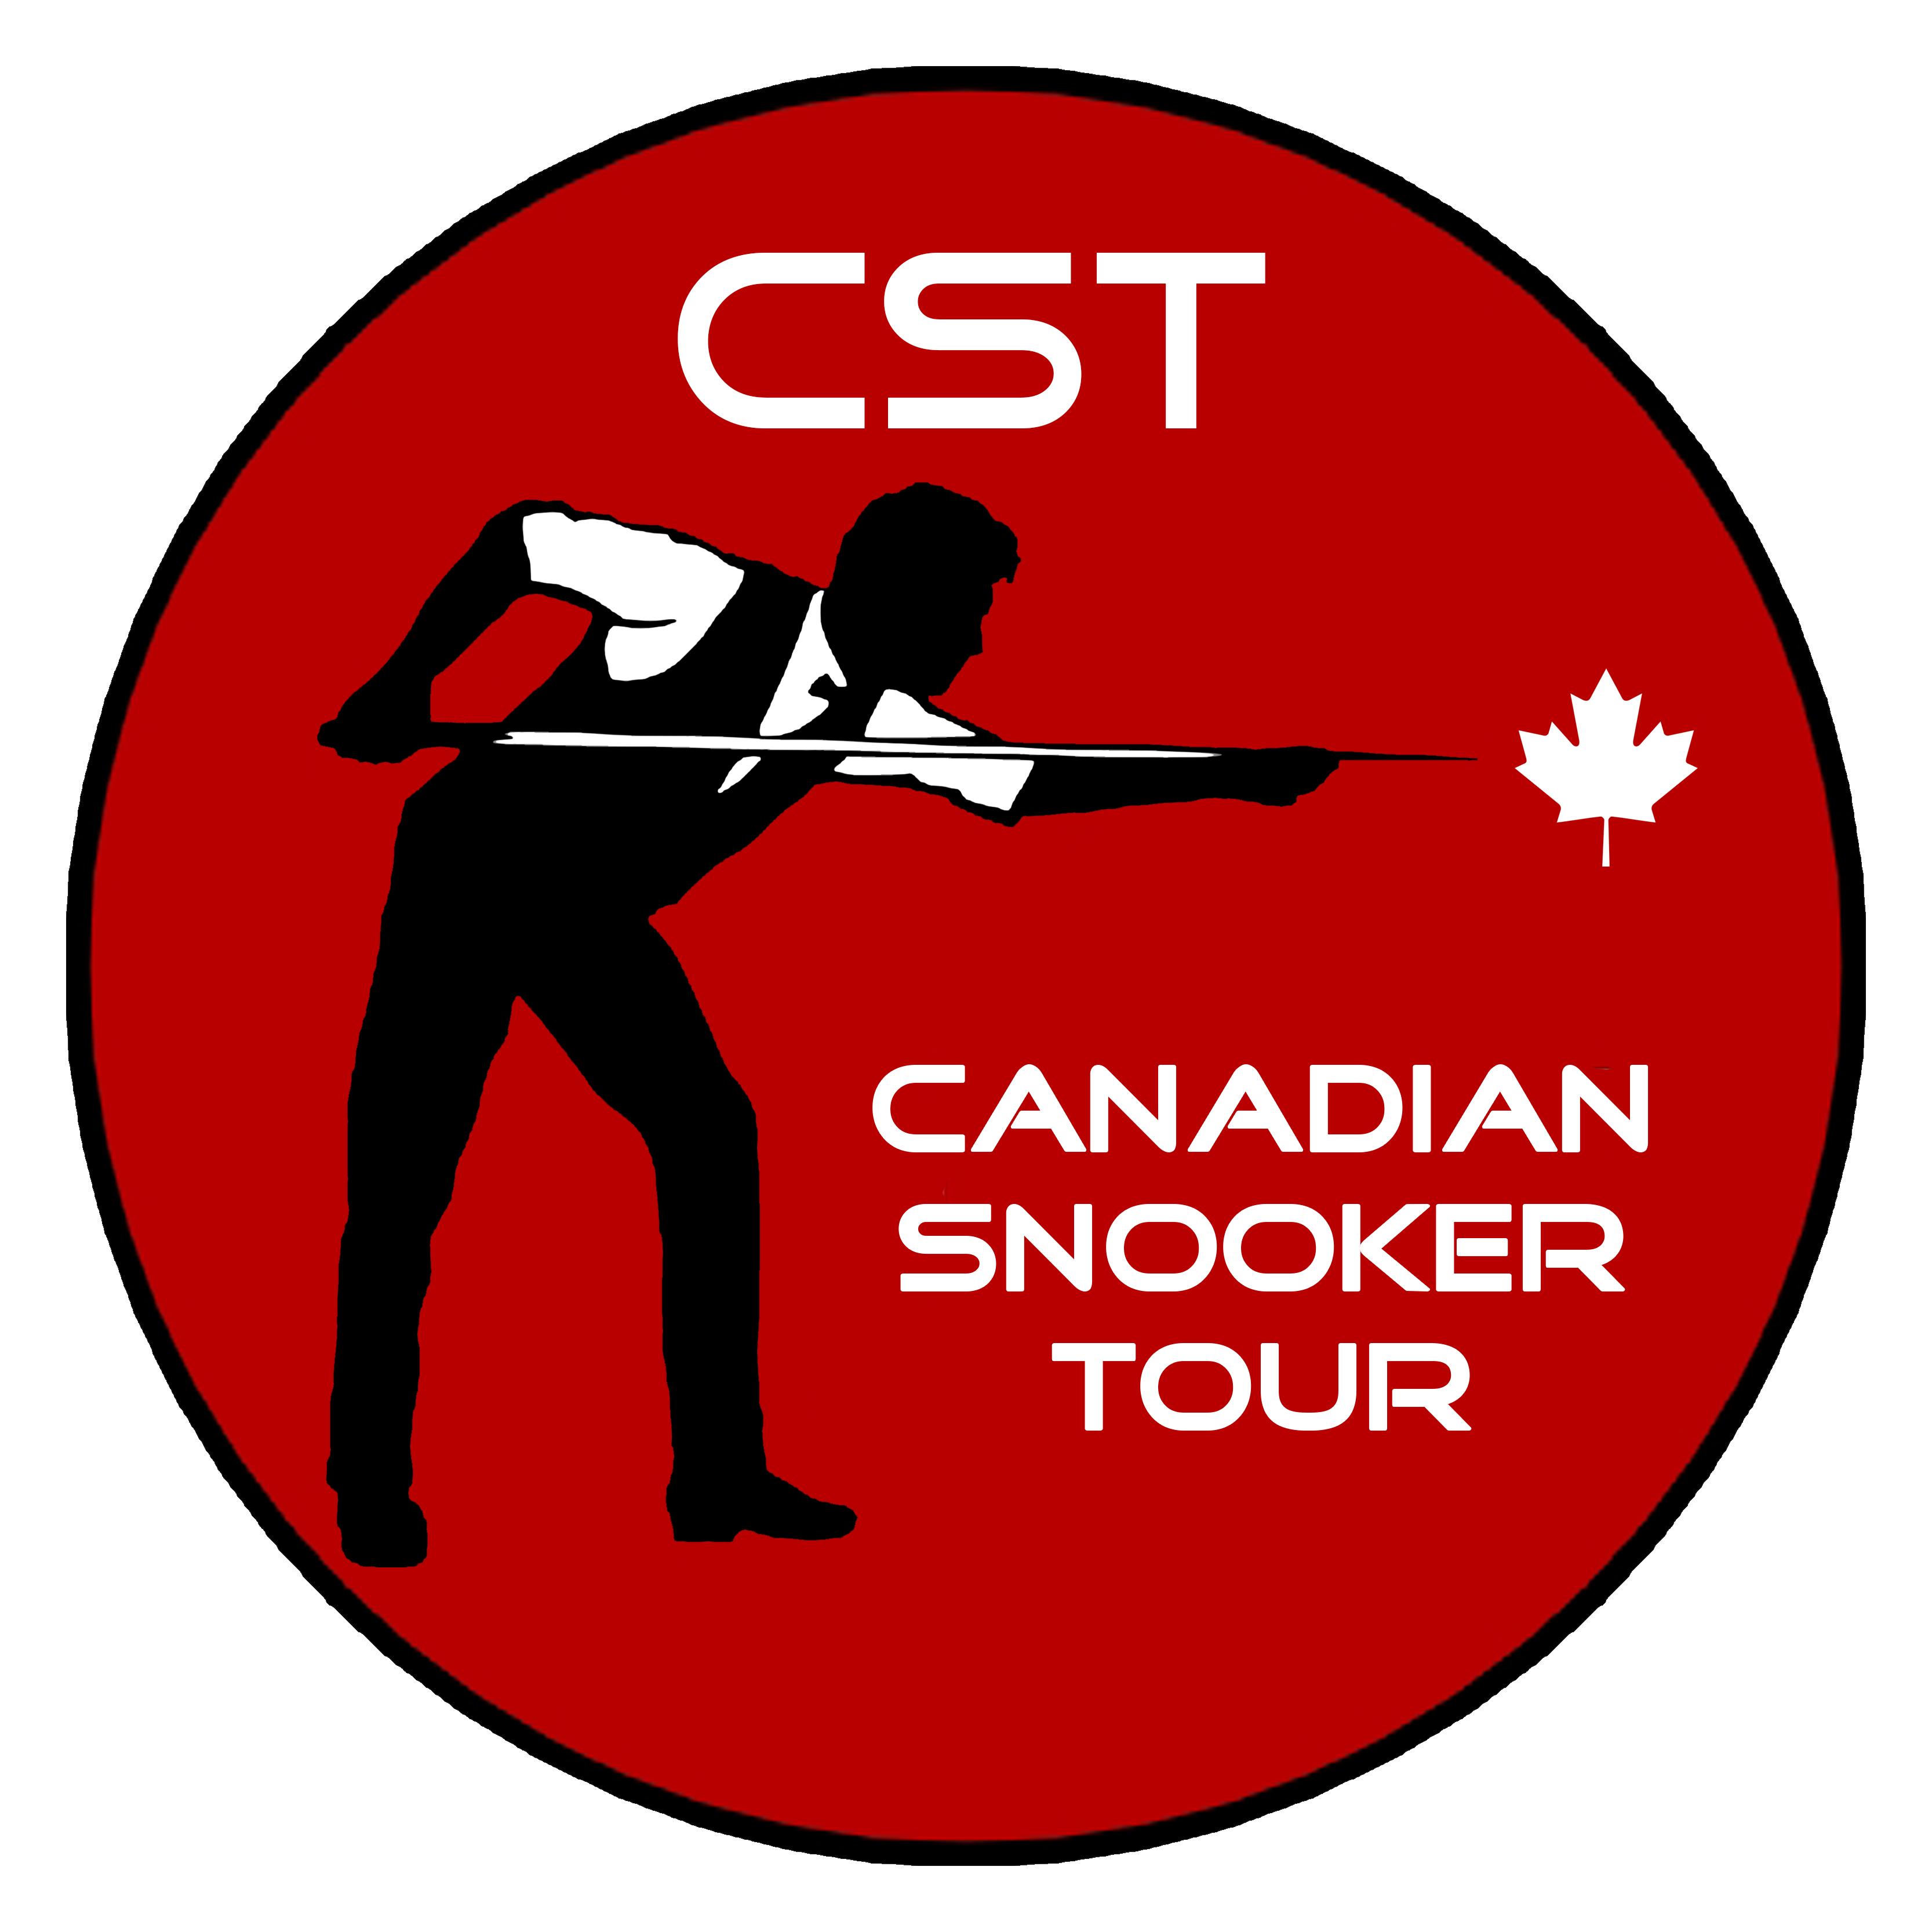 Canadaian Snooker Tour